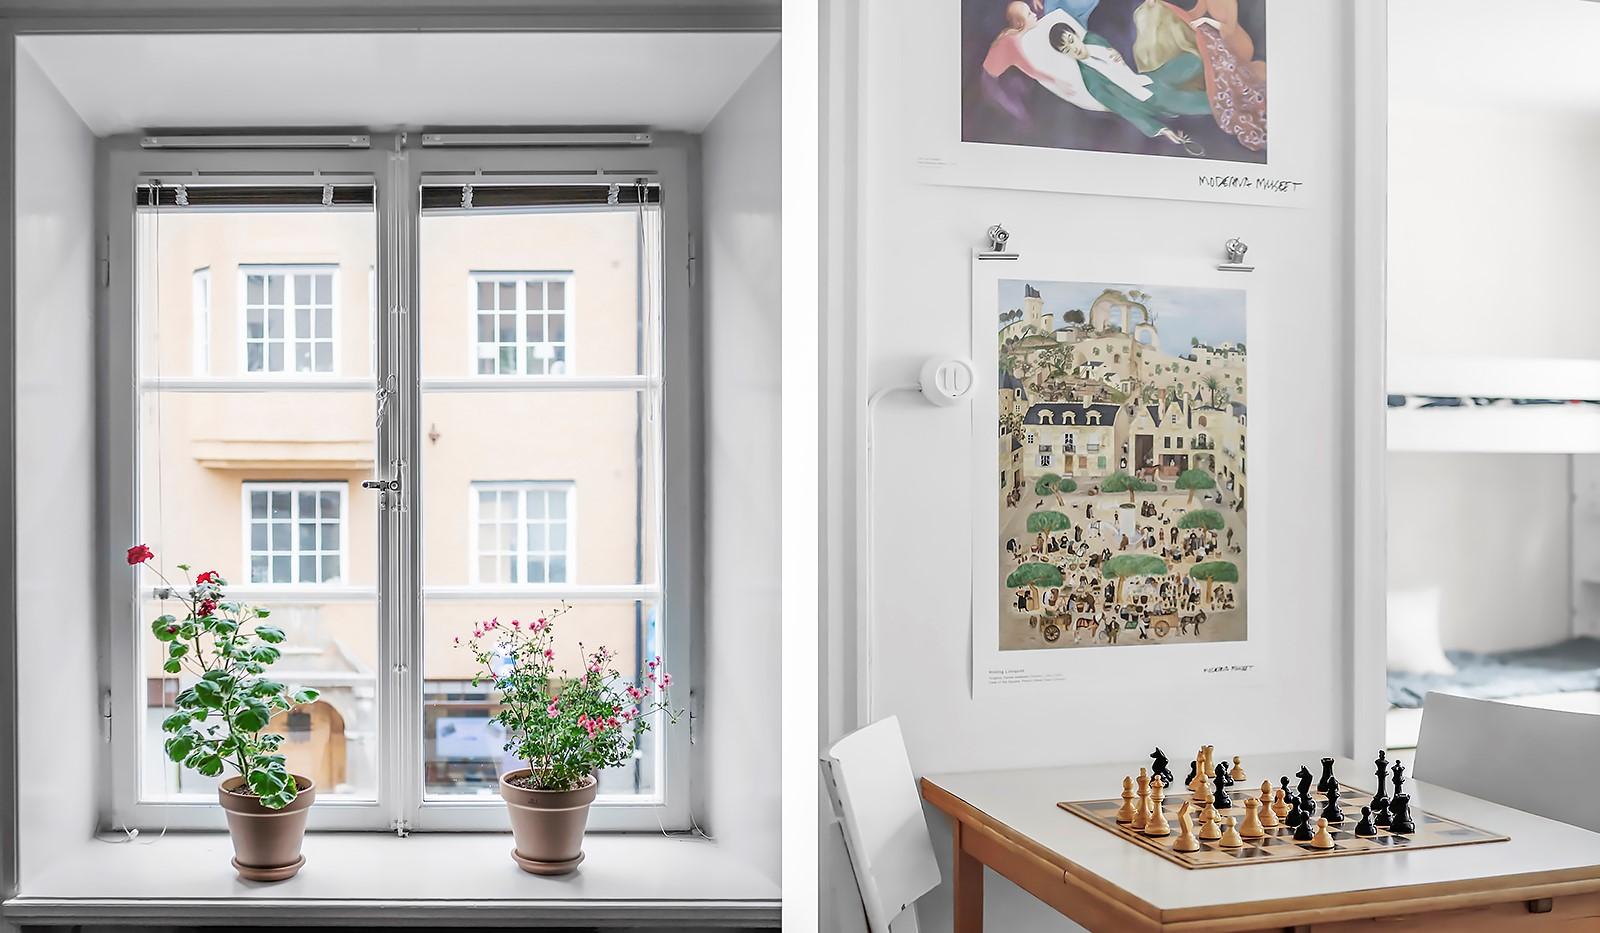 Heleneborgsgatan 30 - Vackra fönster